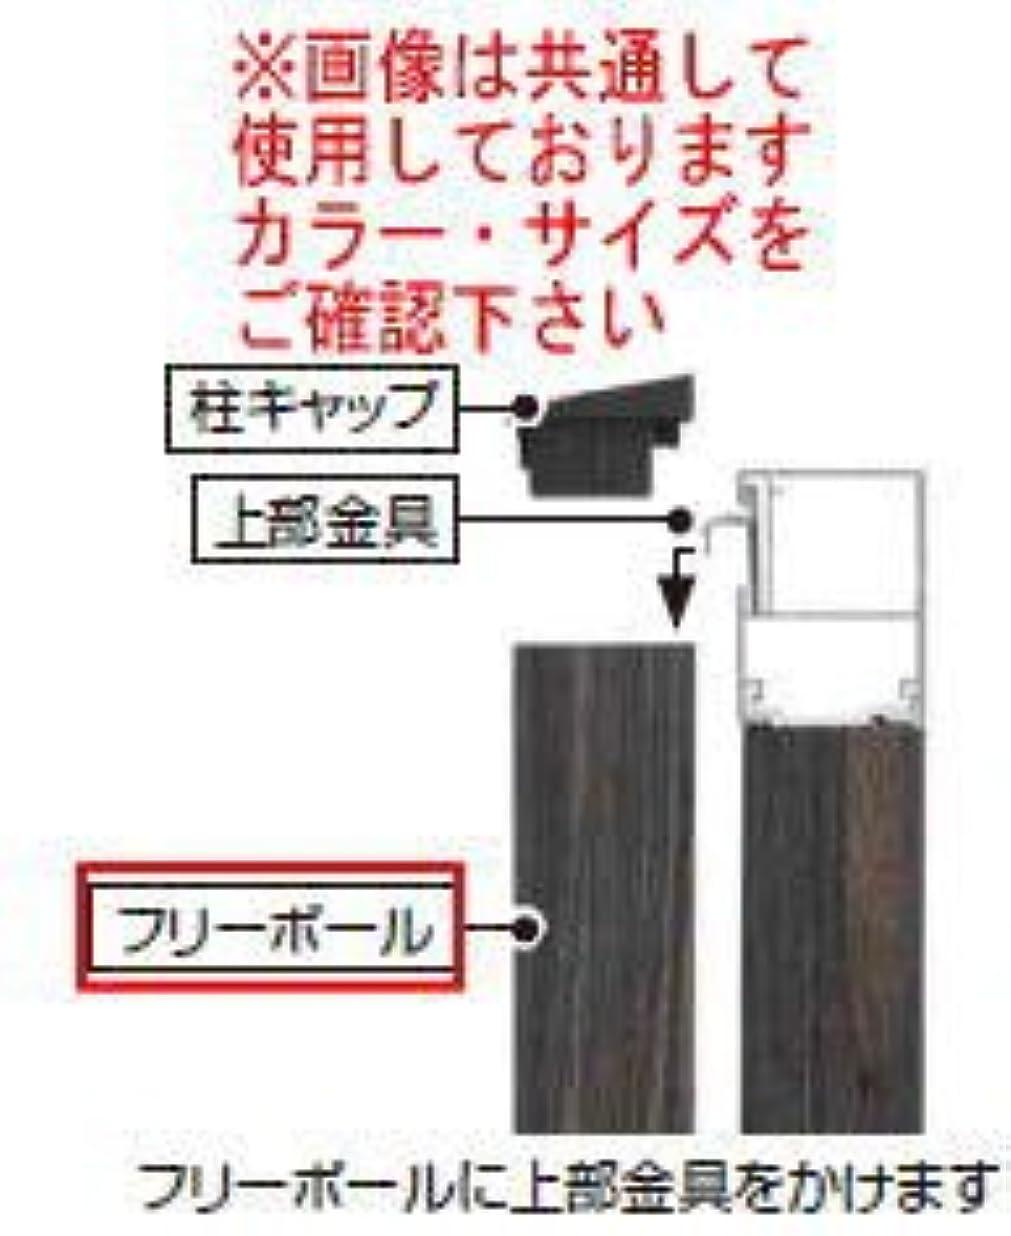 タカショー デザイナーズスタイルフェンス 高強度フリーポール(横板貼80幅用)H06 スプリングオーク 35×35×L762.5